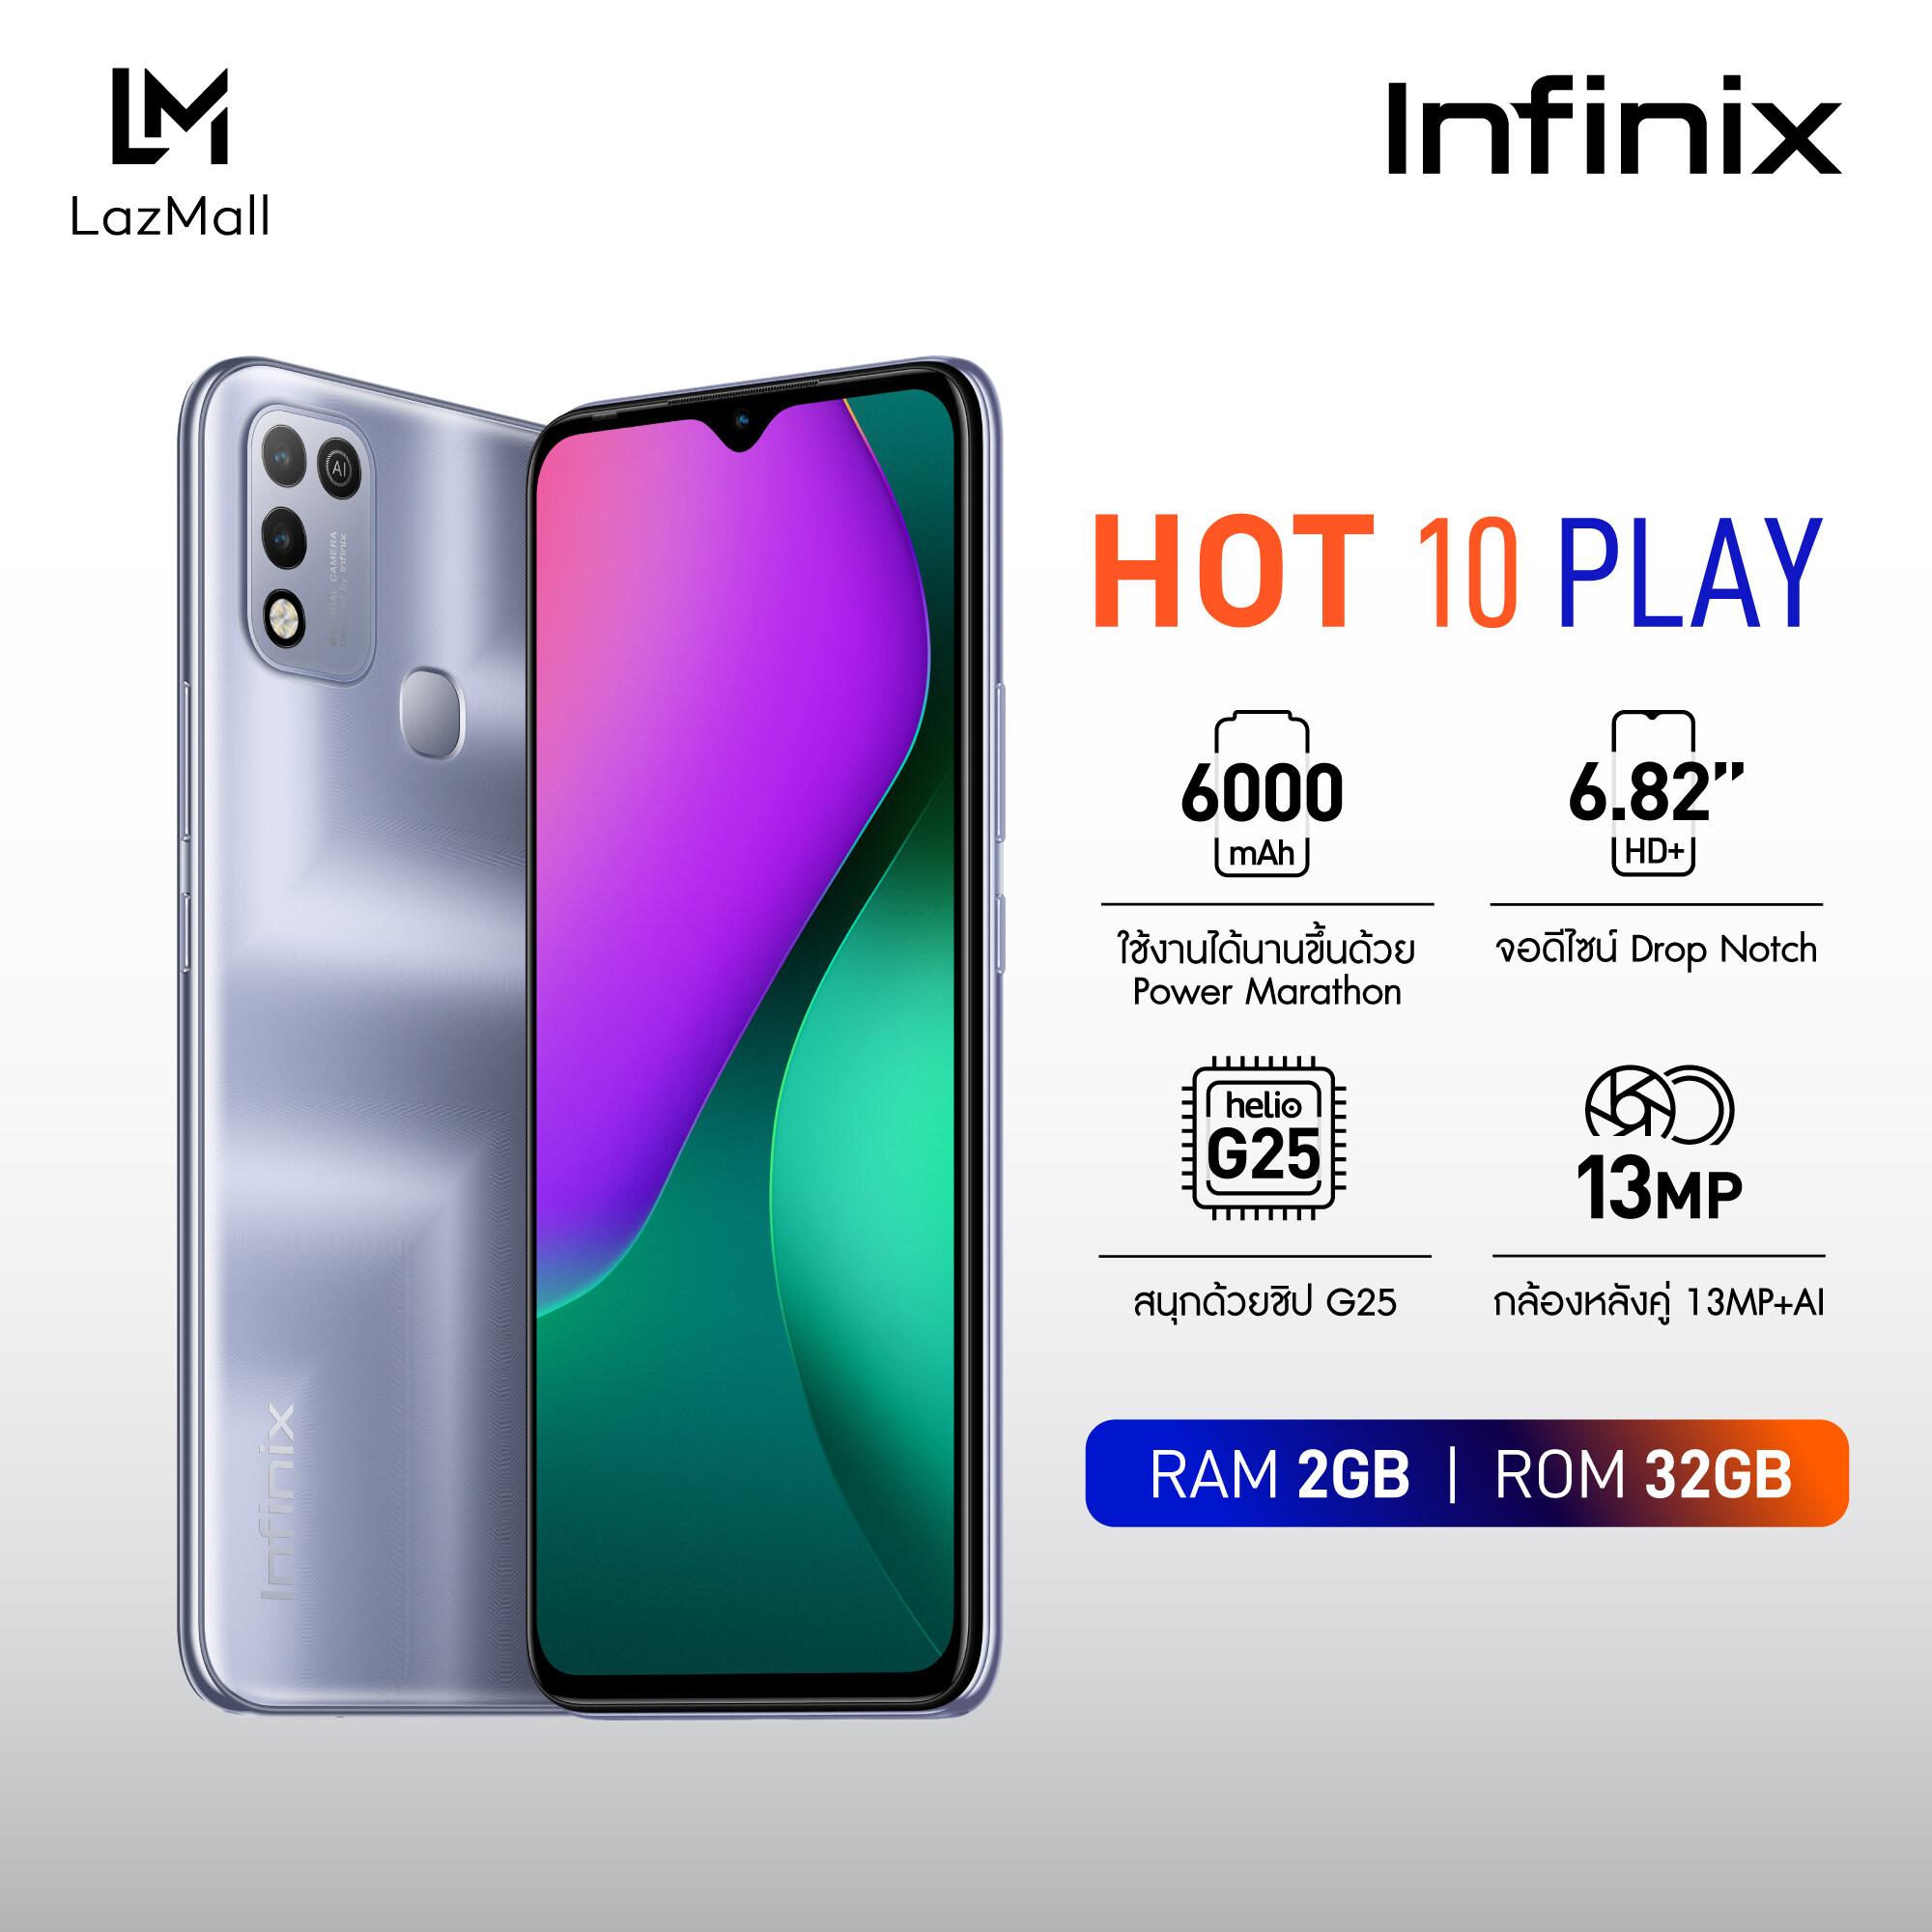 [เริ่มขาย 31 มี.ค.] Infinix Hot10 play (2GB+32GB)